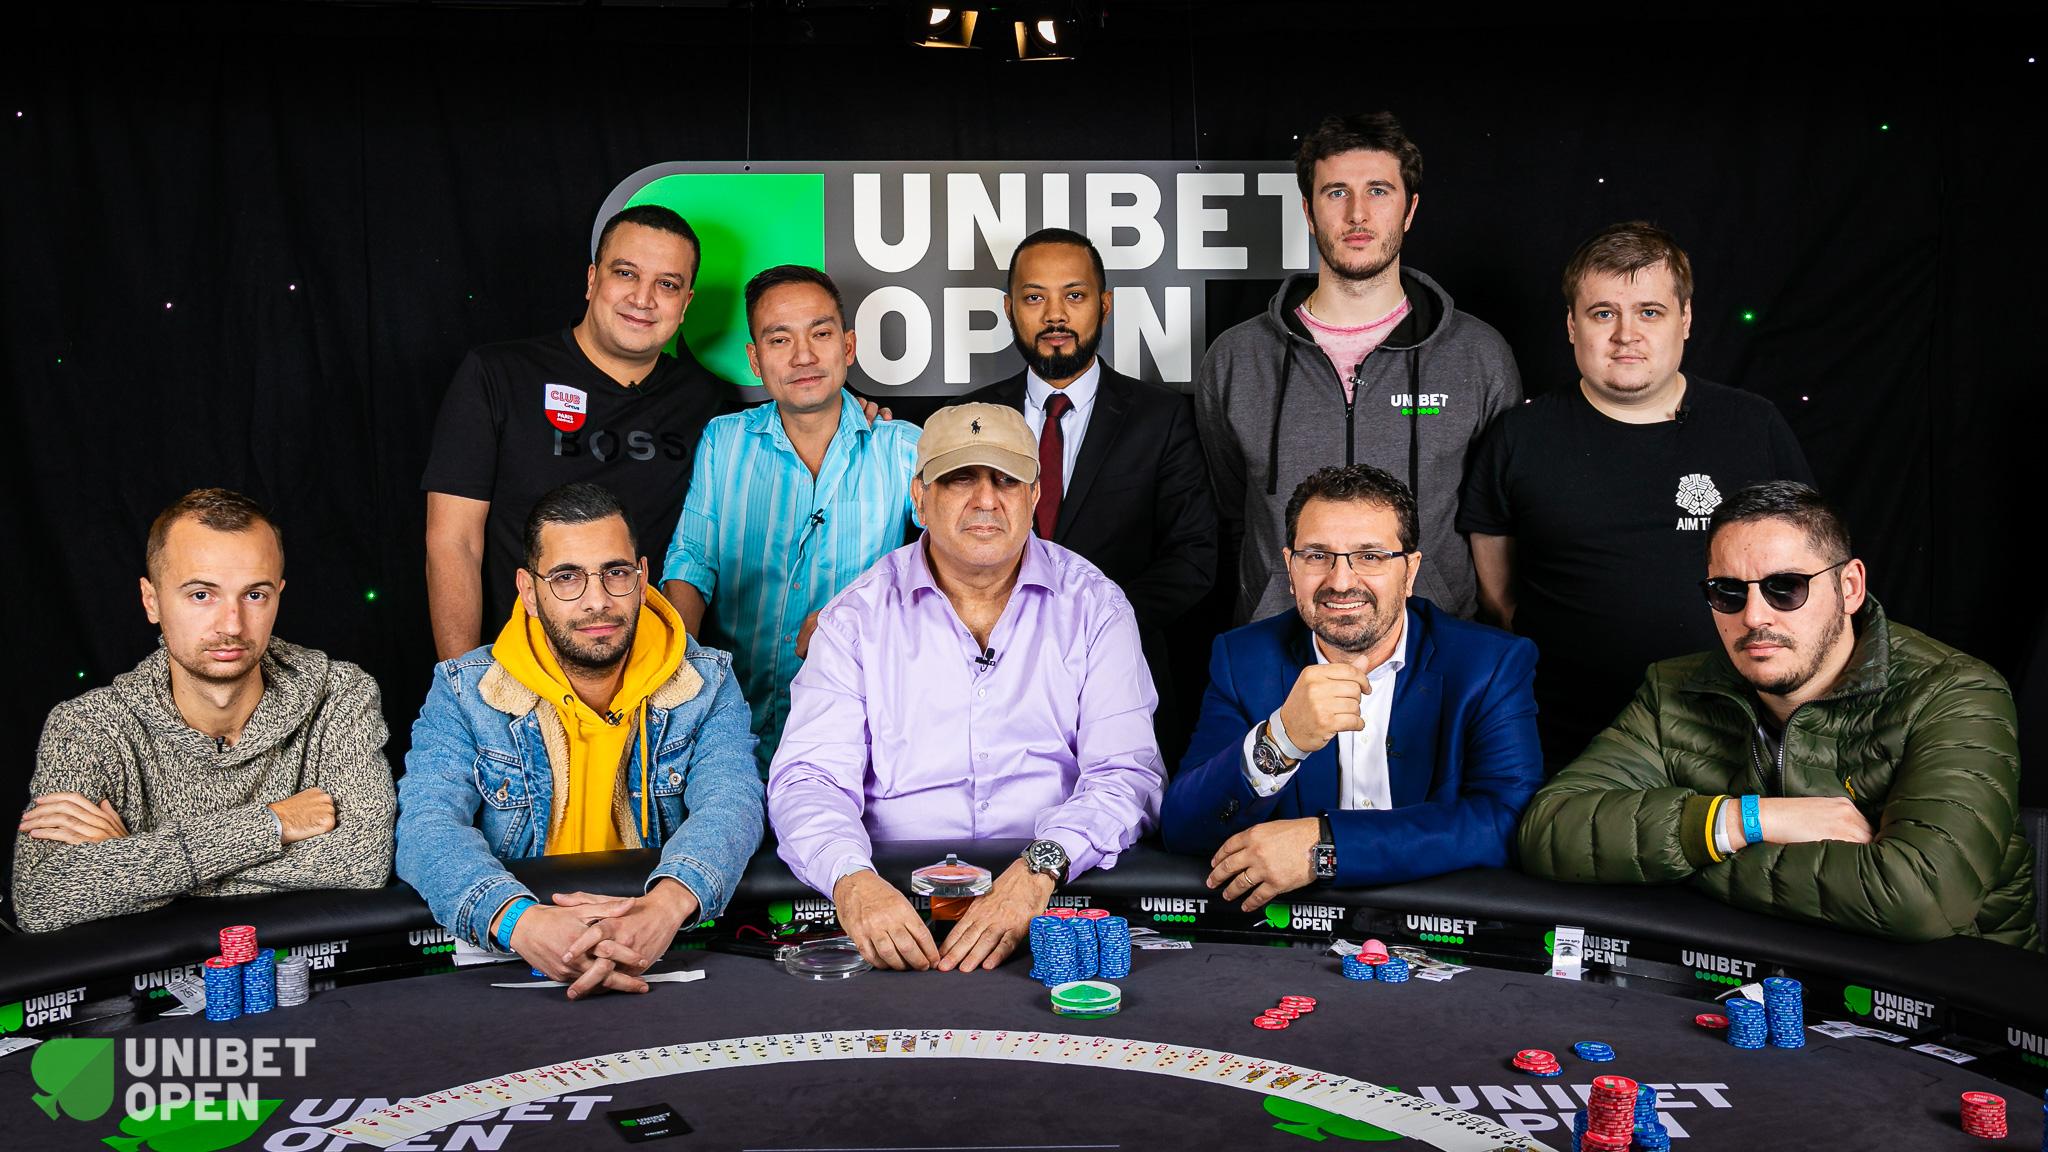 Unibet Open Paris Final Table